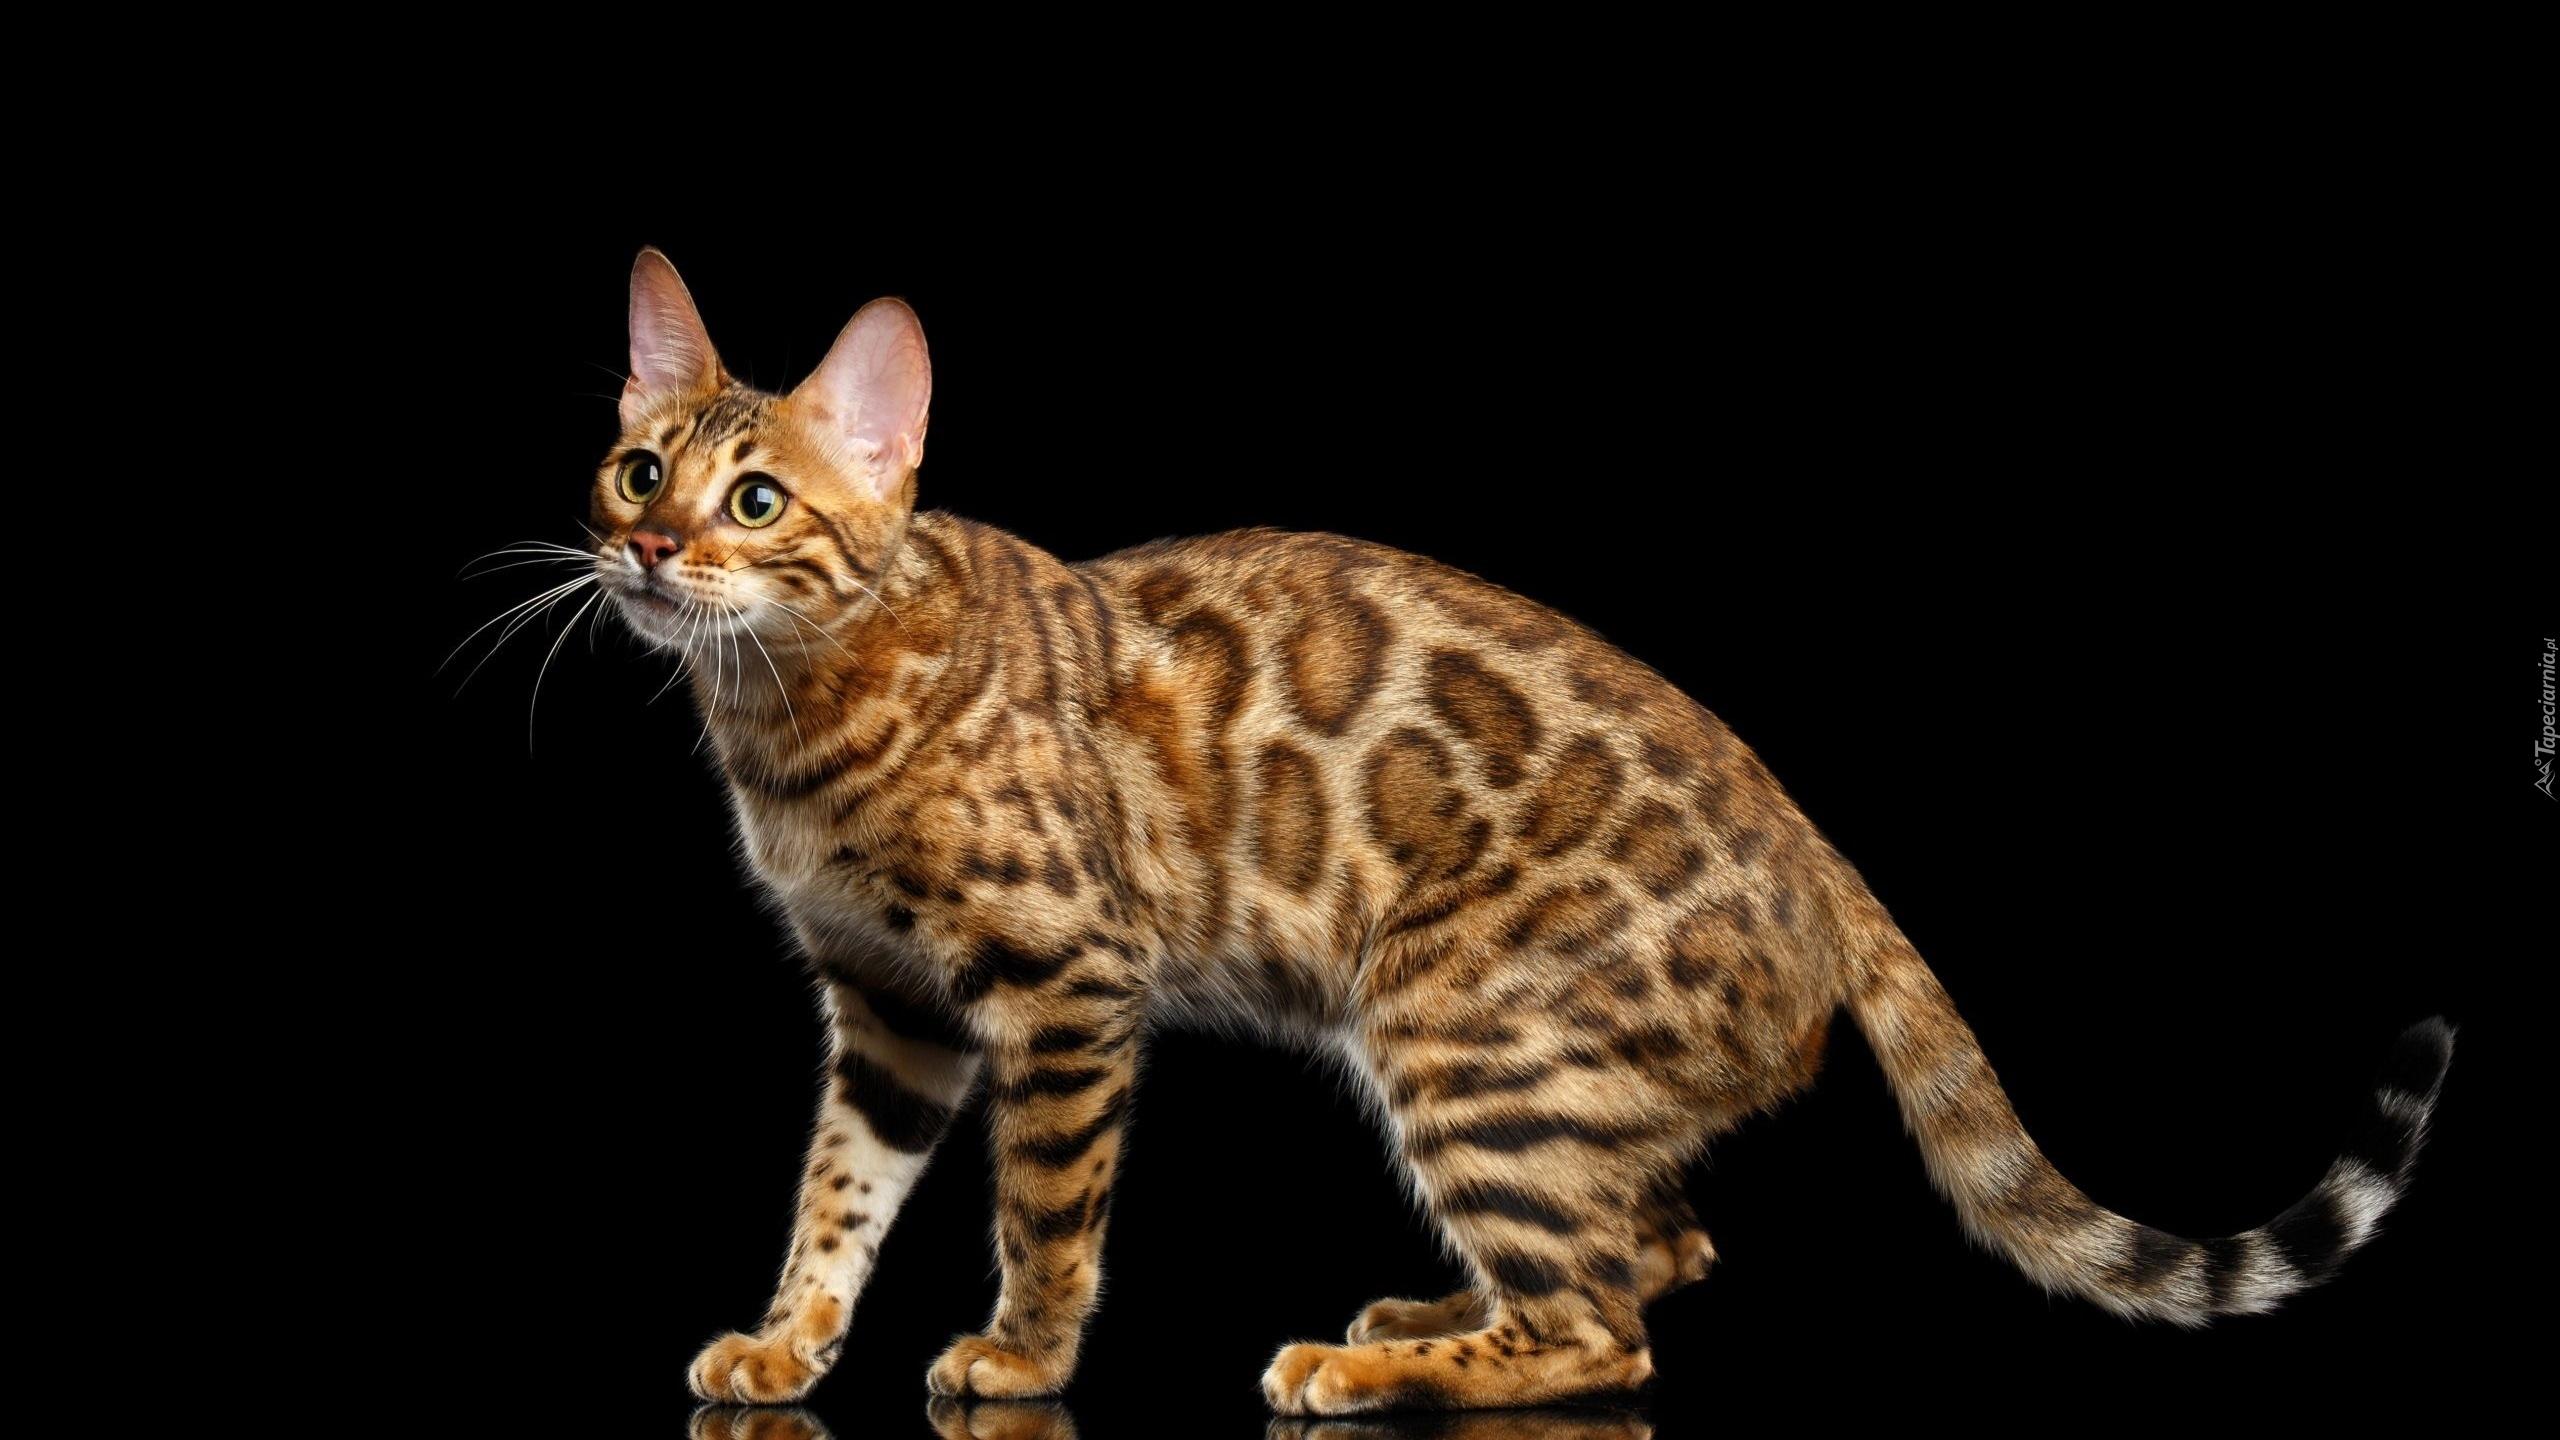 Кошки обои красивые фото кошек скачать